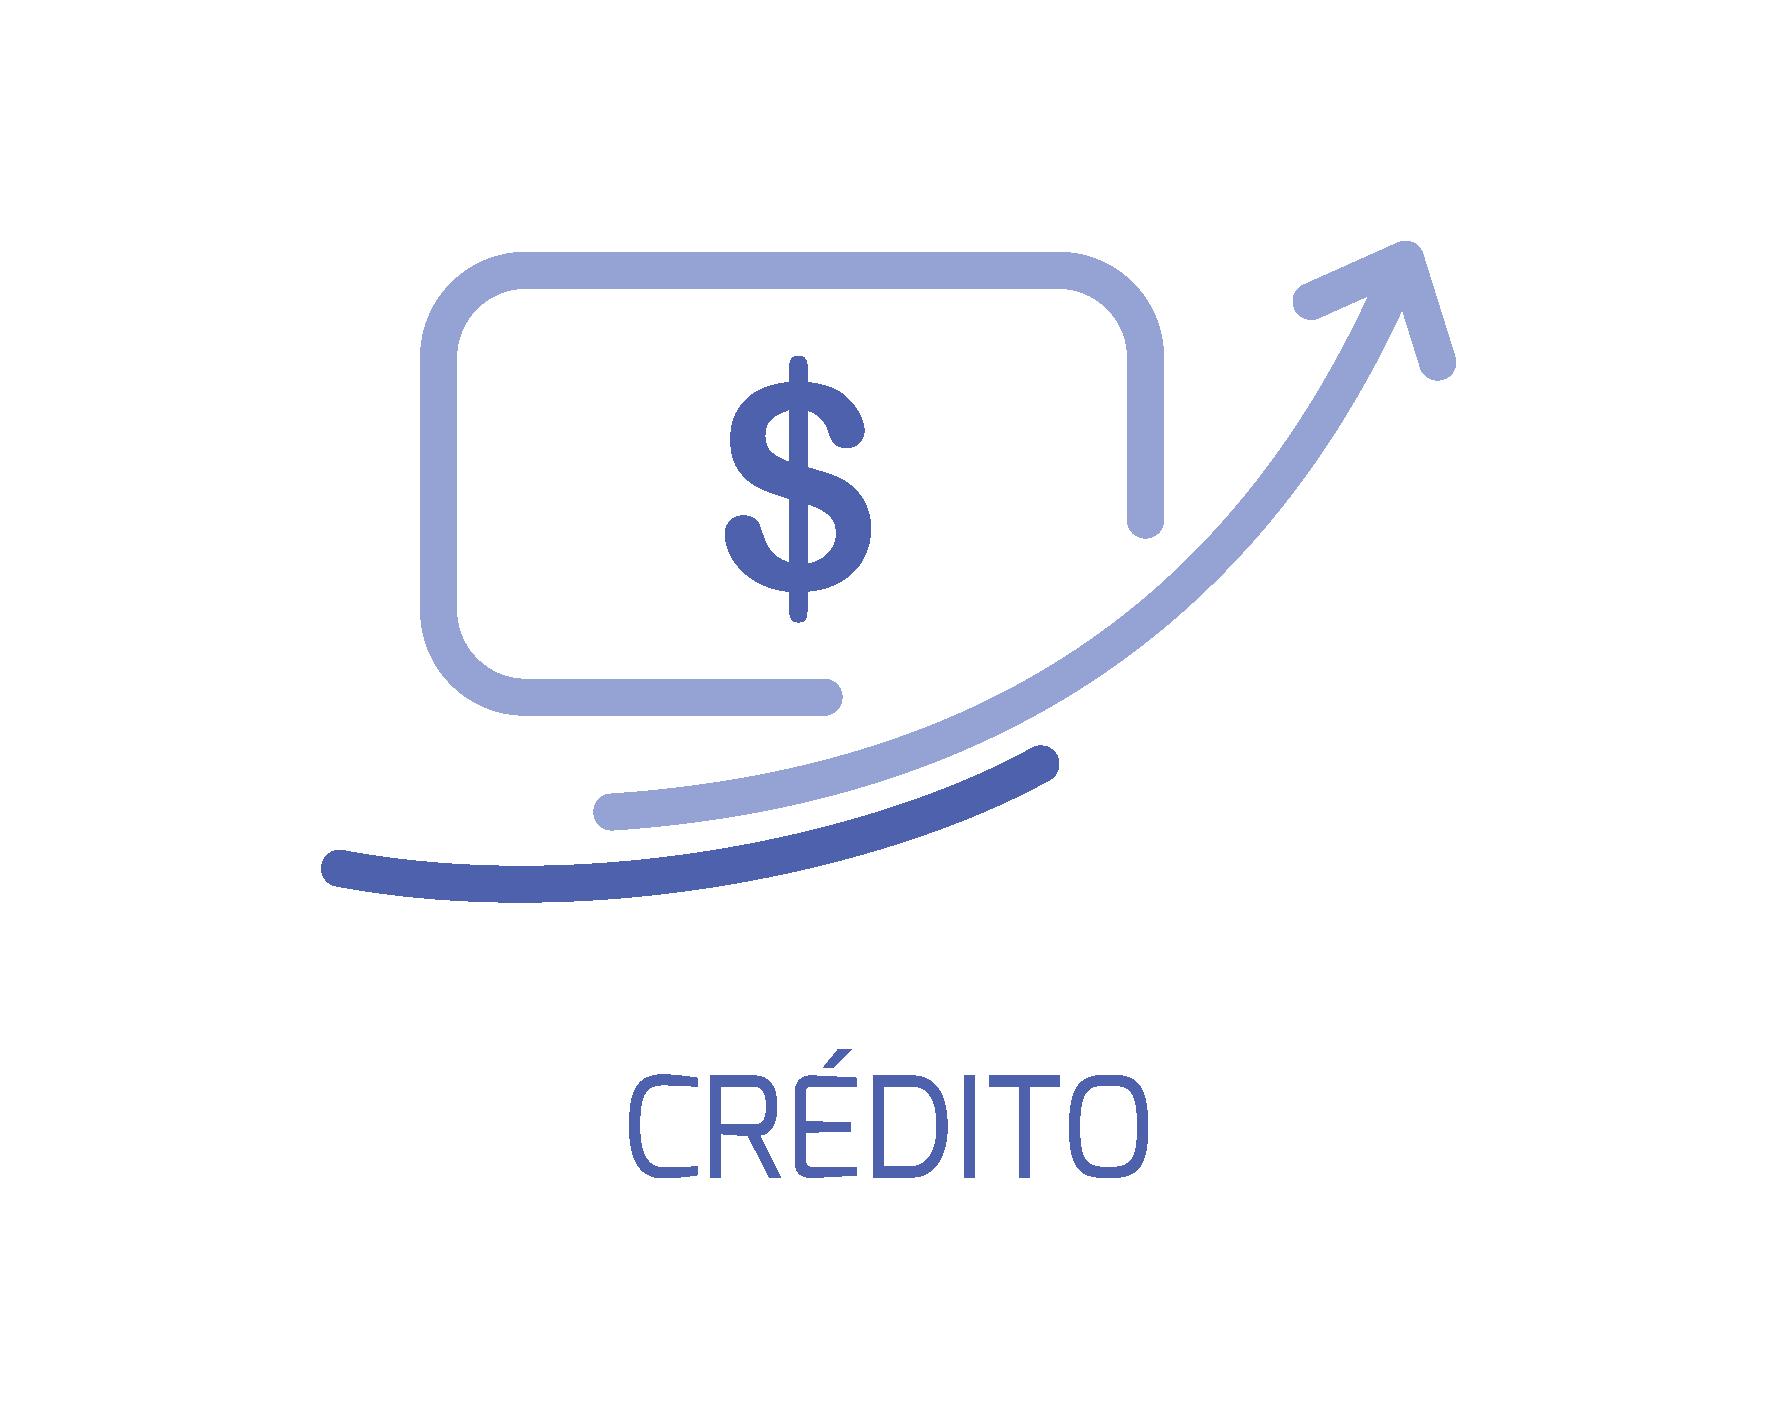 ramo credito 20 08 2021